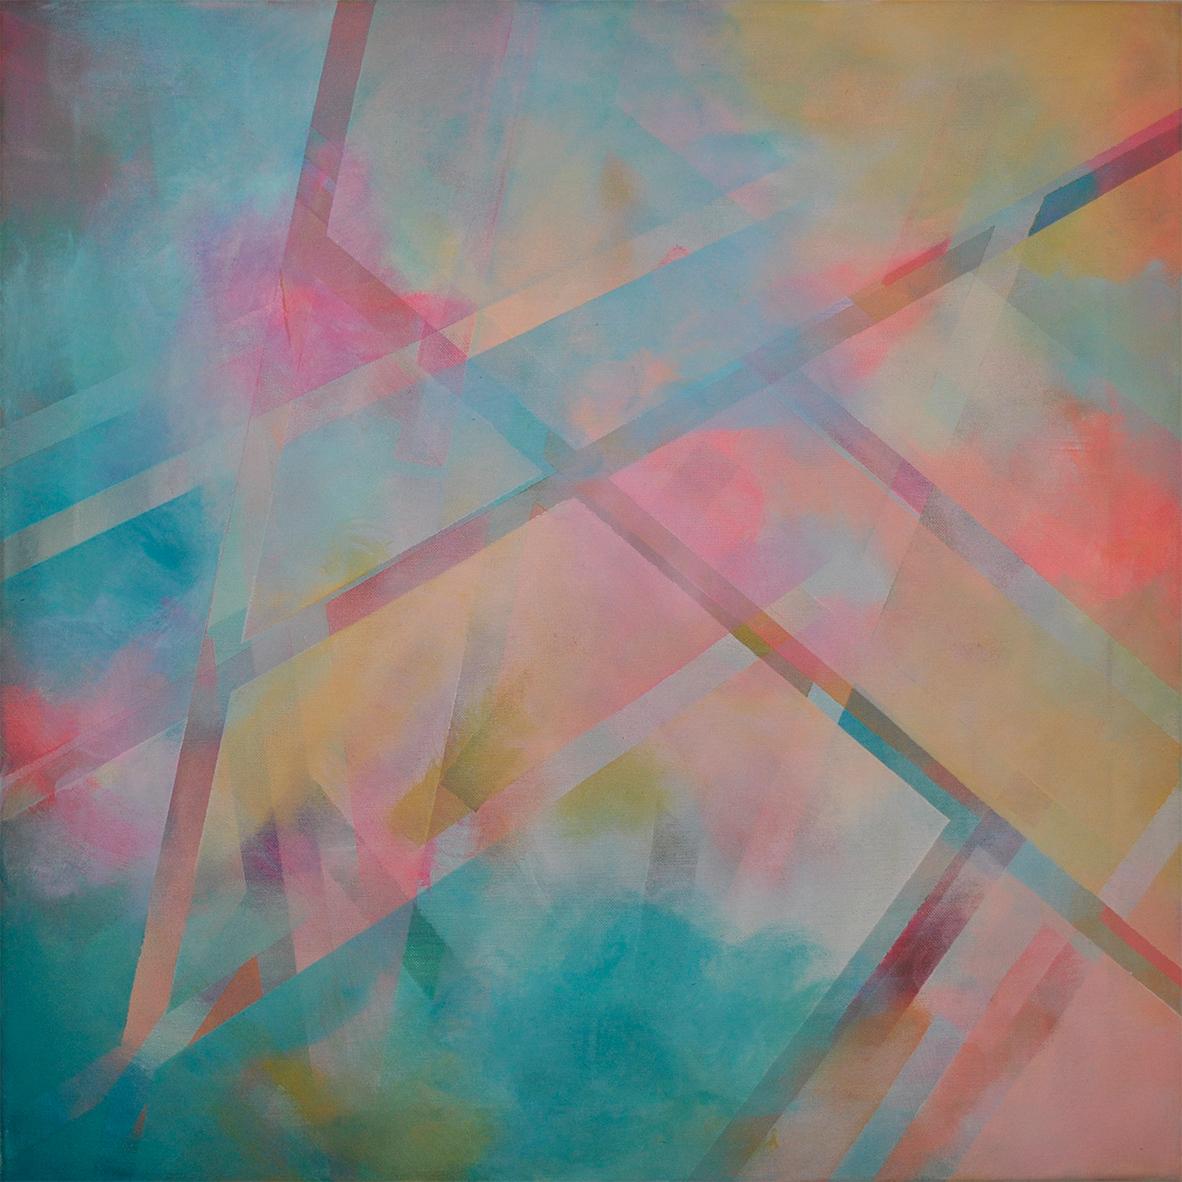 judithvaleria_geometrische Abstraktionen_Acryl auf Leinwand_60x60_traumraum